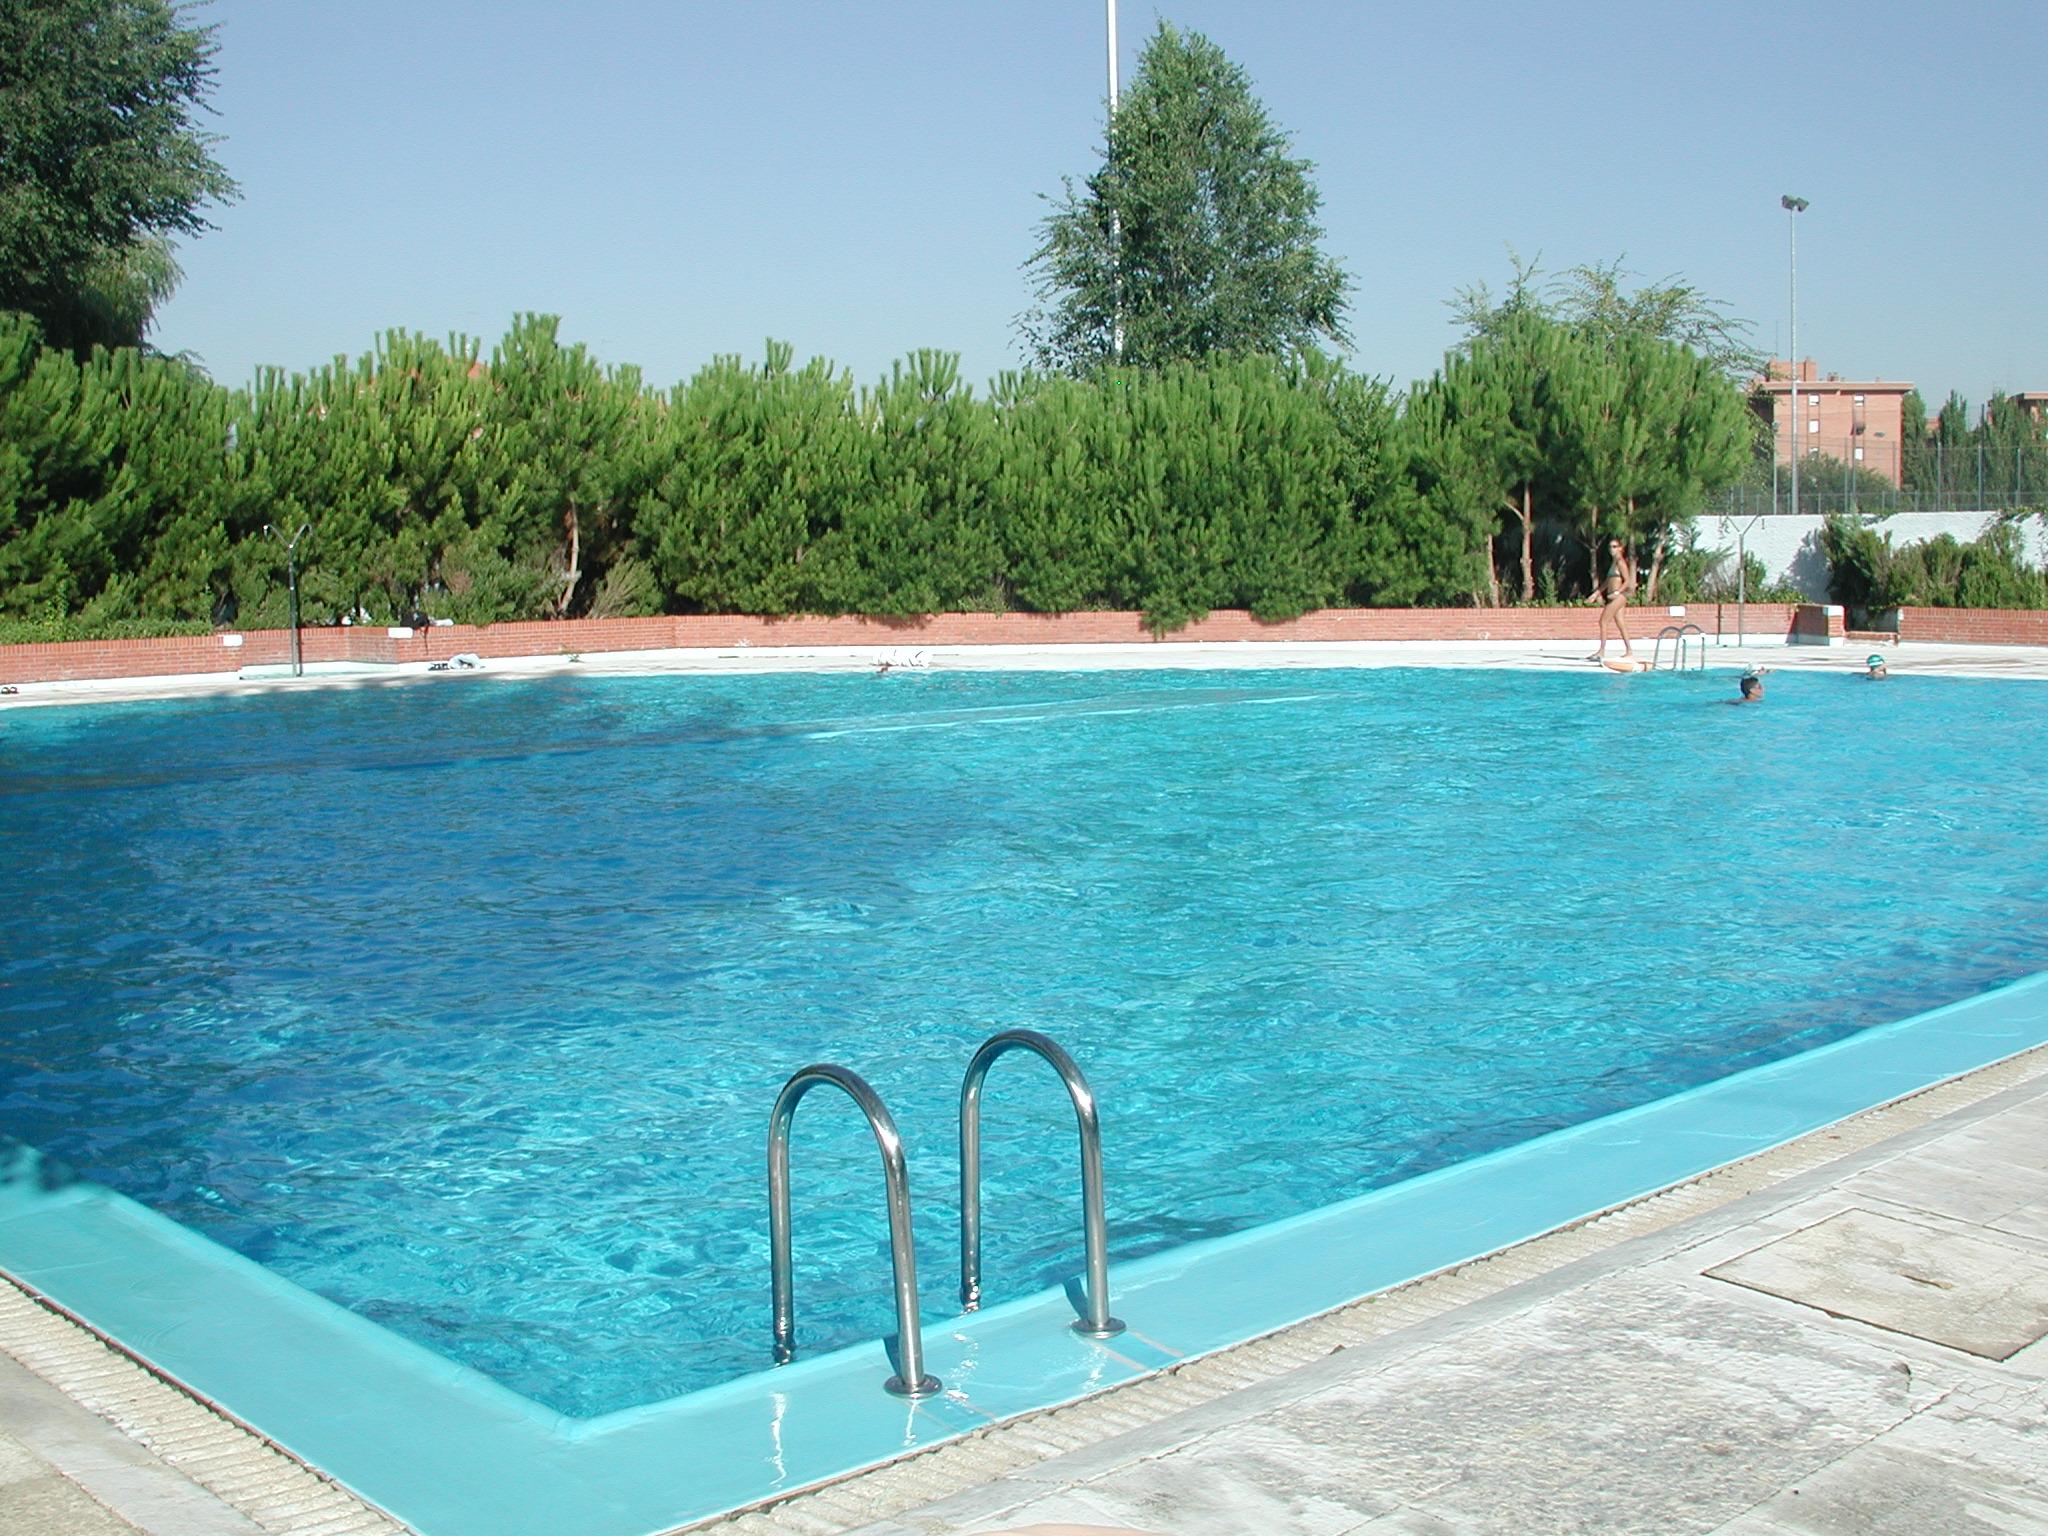 las piscinas municipales de parla abren el 21 de junio